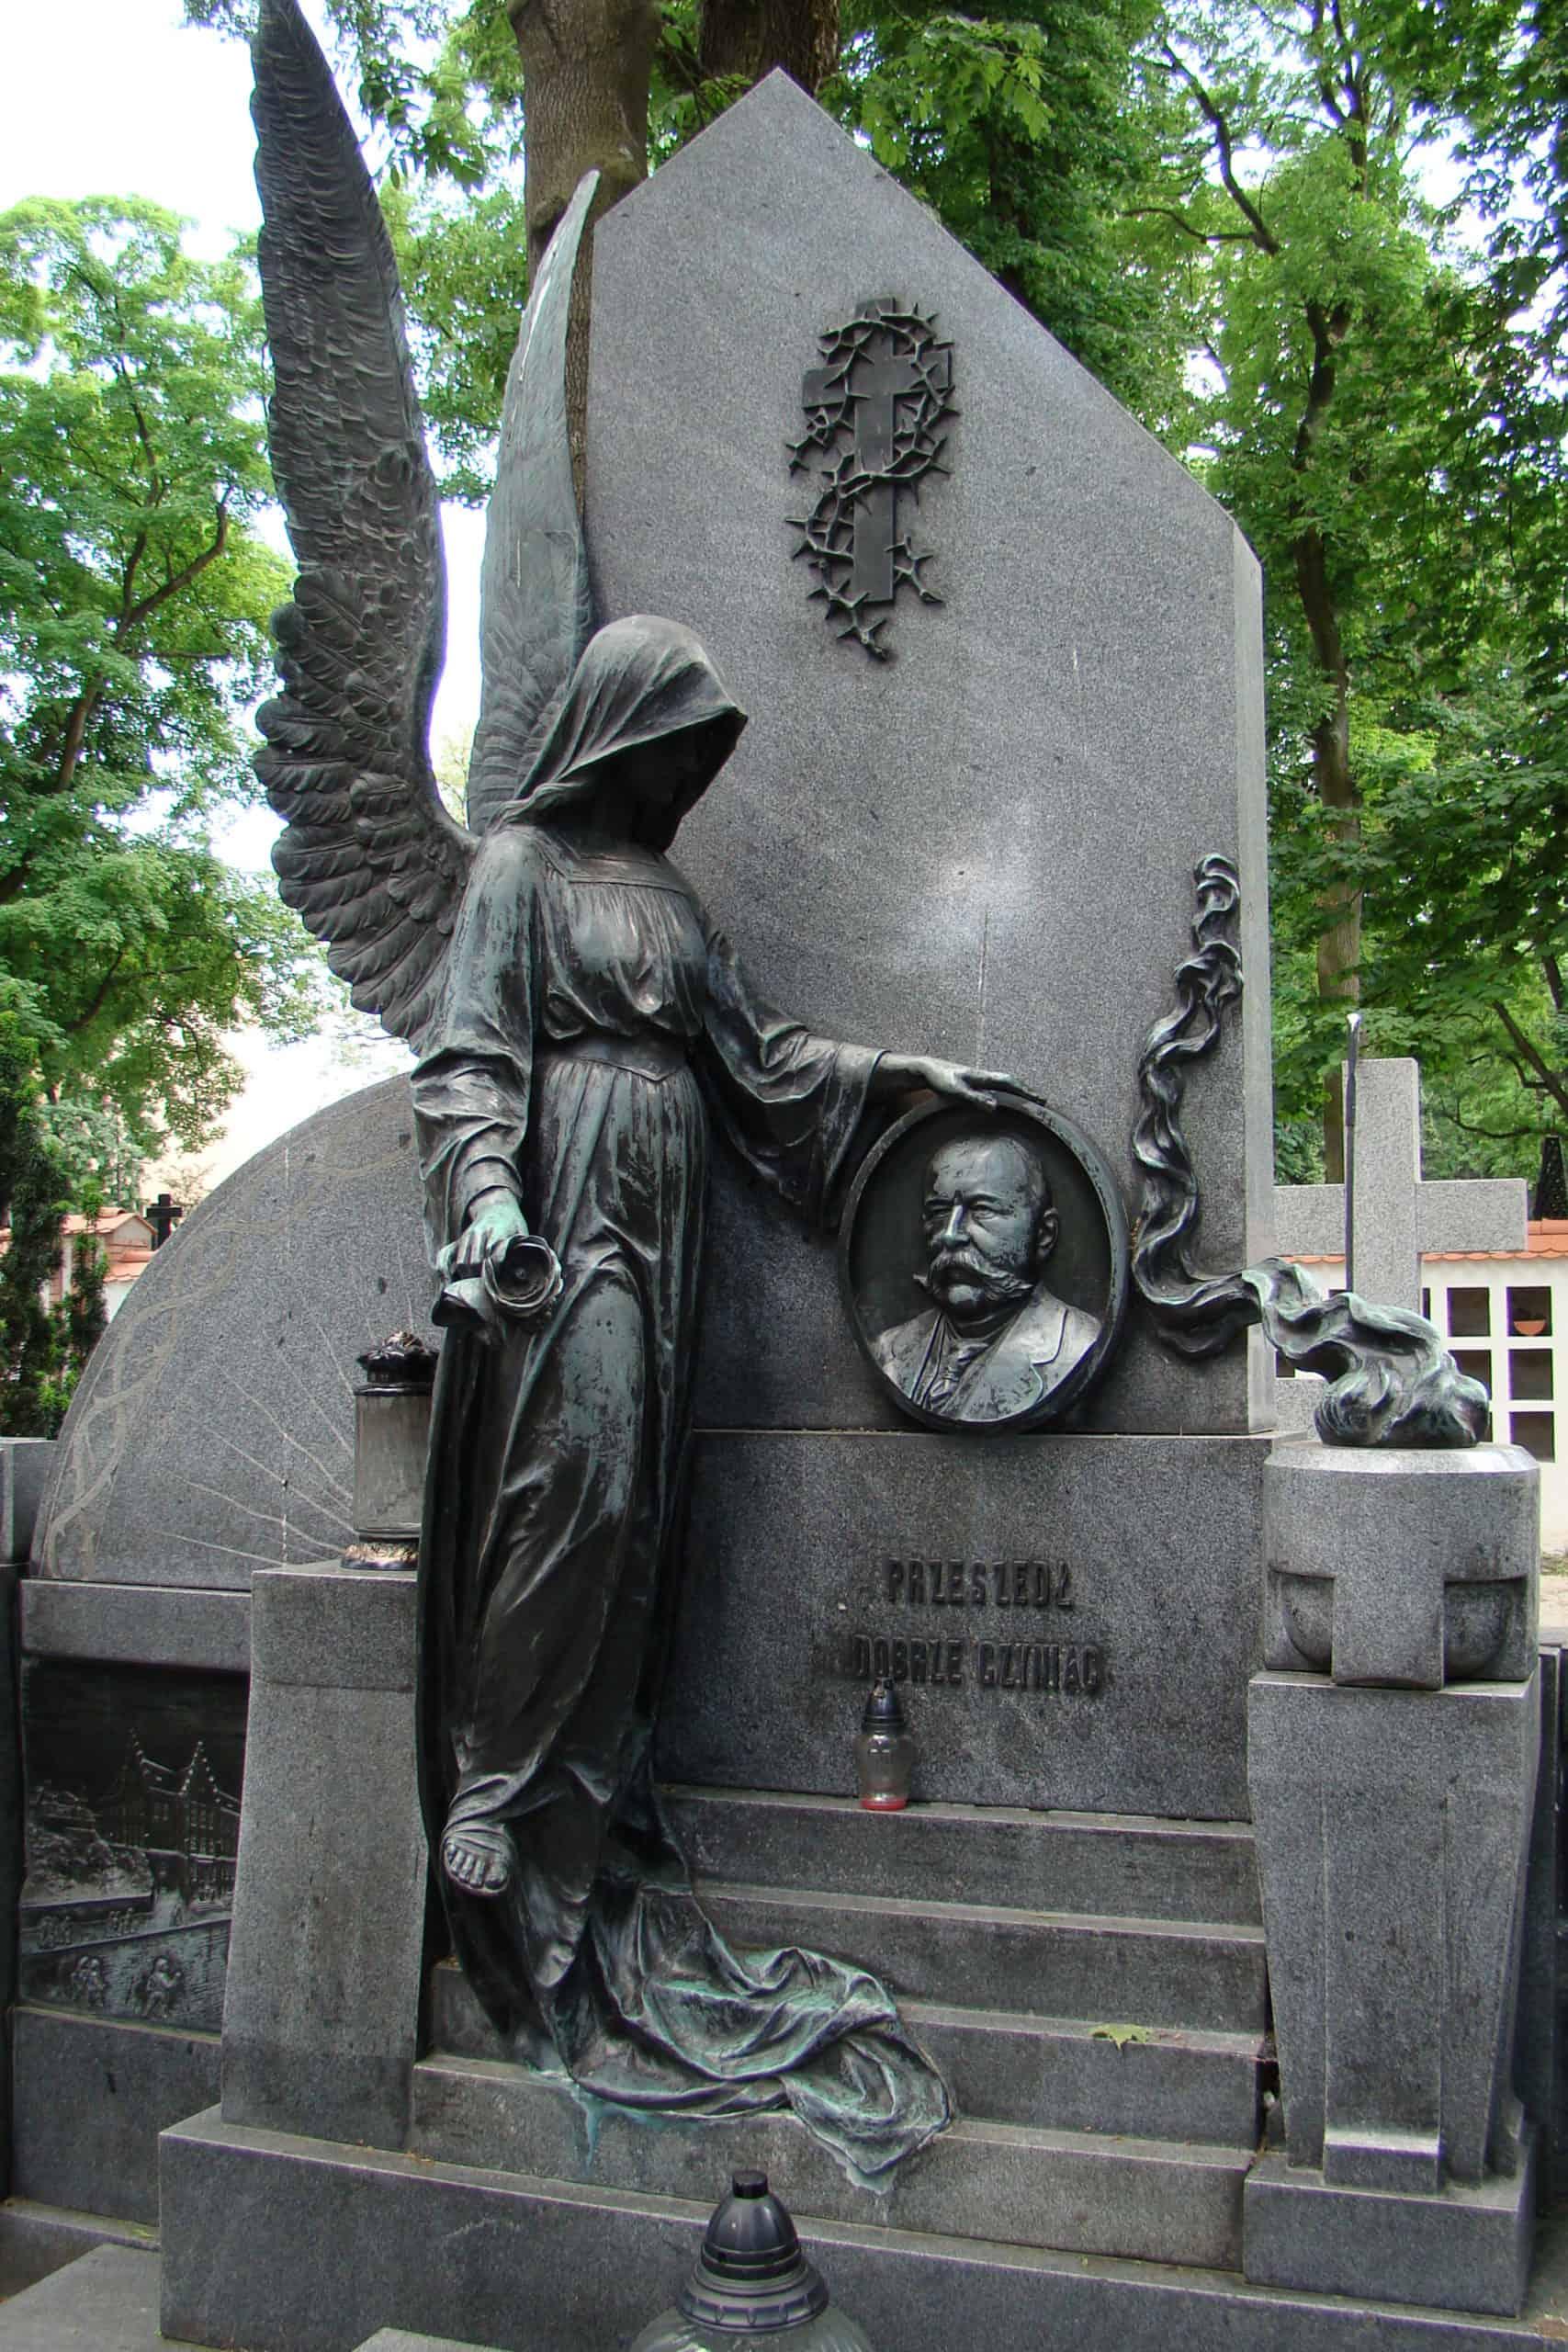 grób Juliusza Vettera lublin lipowa